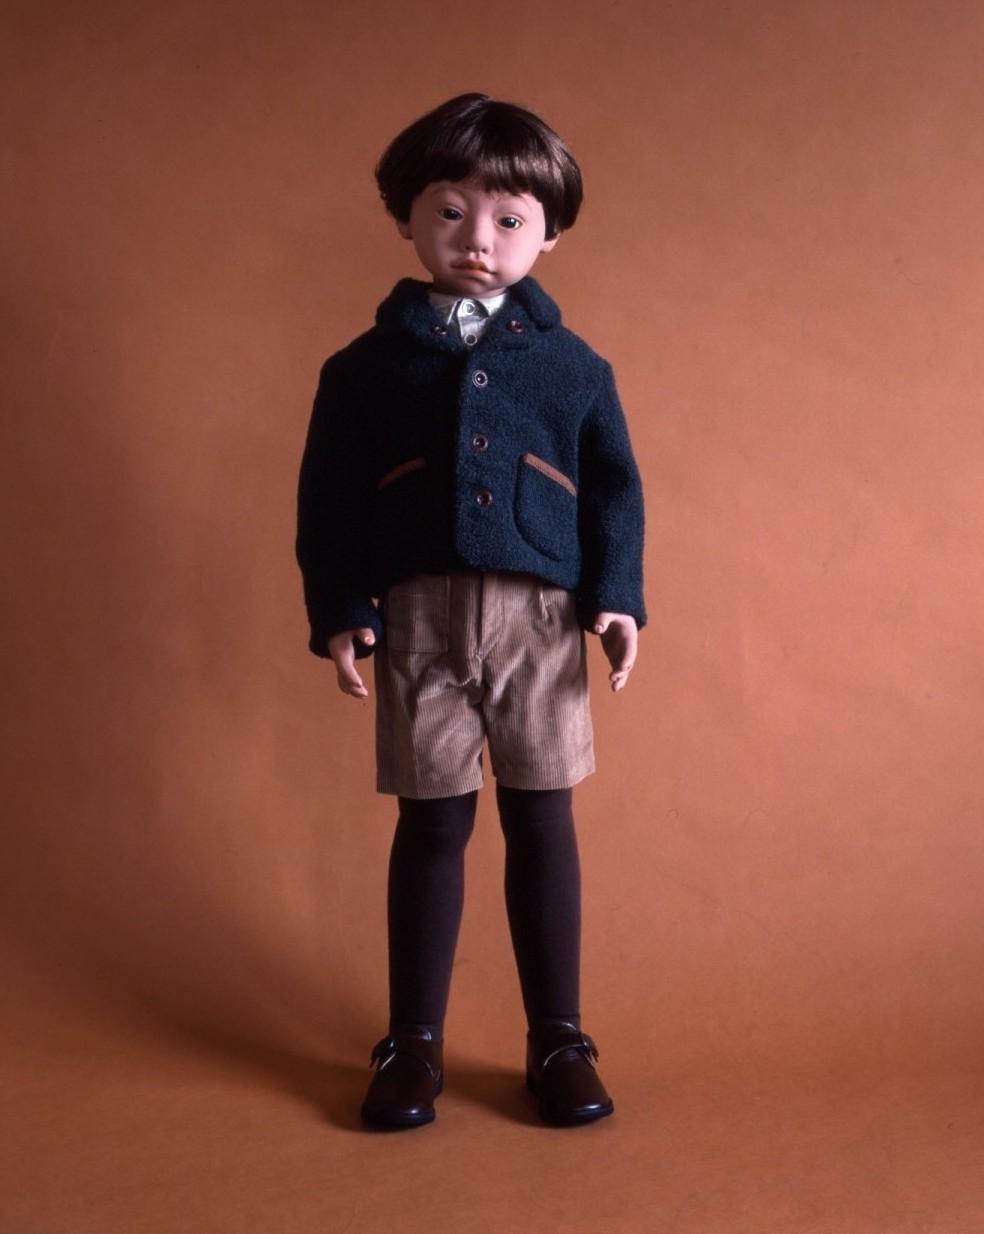 モスグリーンジャケットの少年_d0079147_17274650.jpg